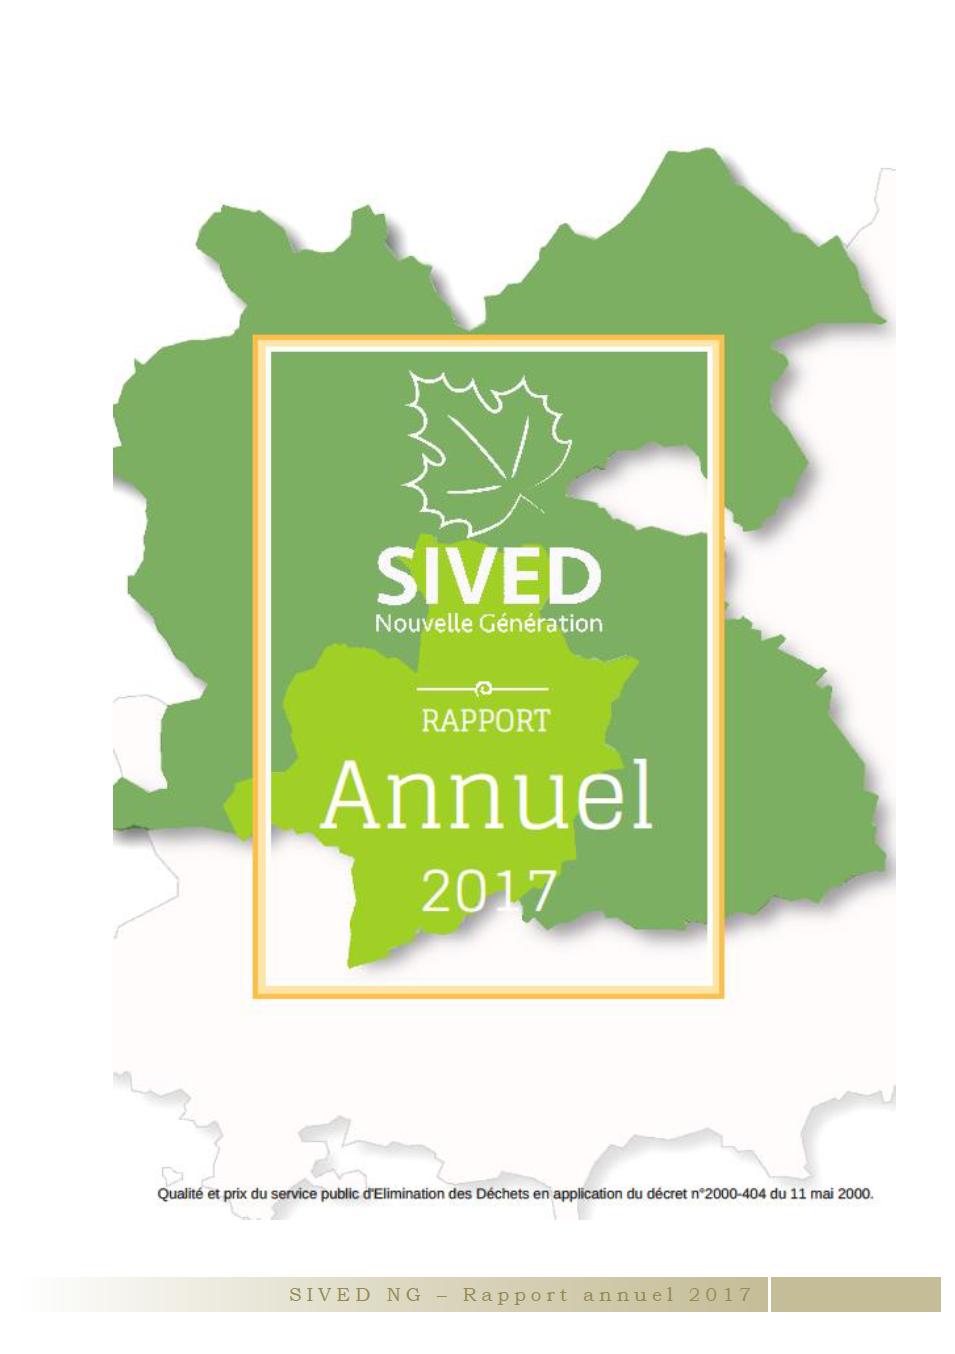 COUV RA 2017 SIVED NG